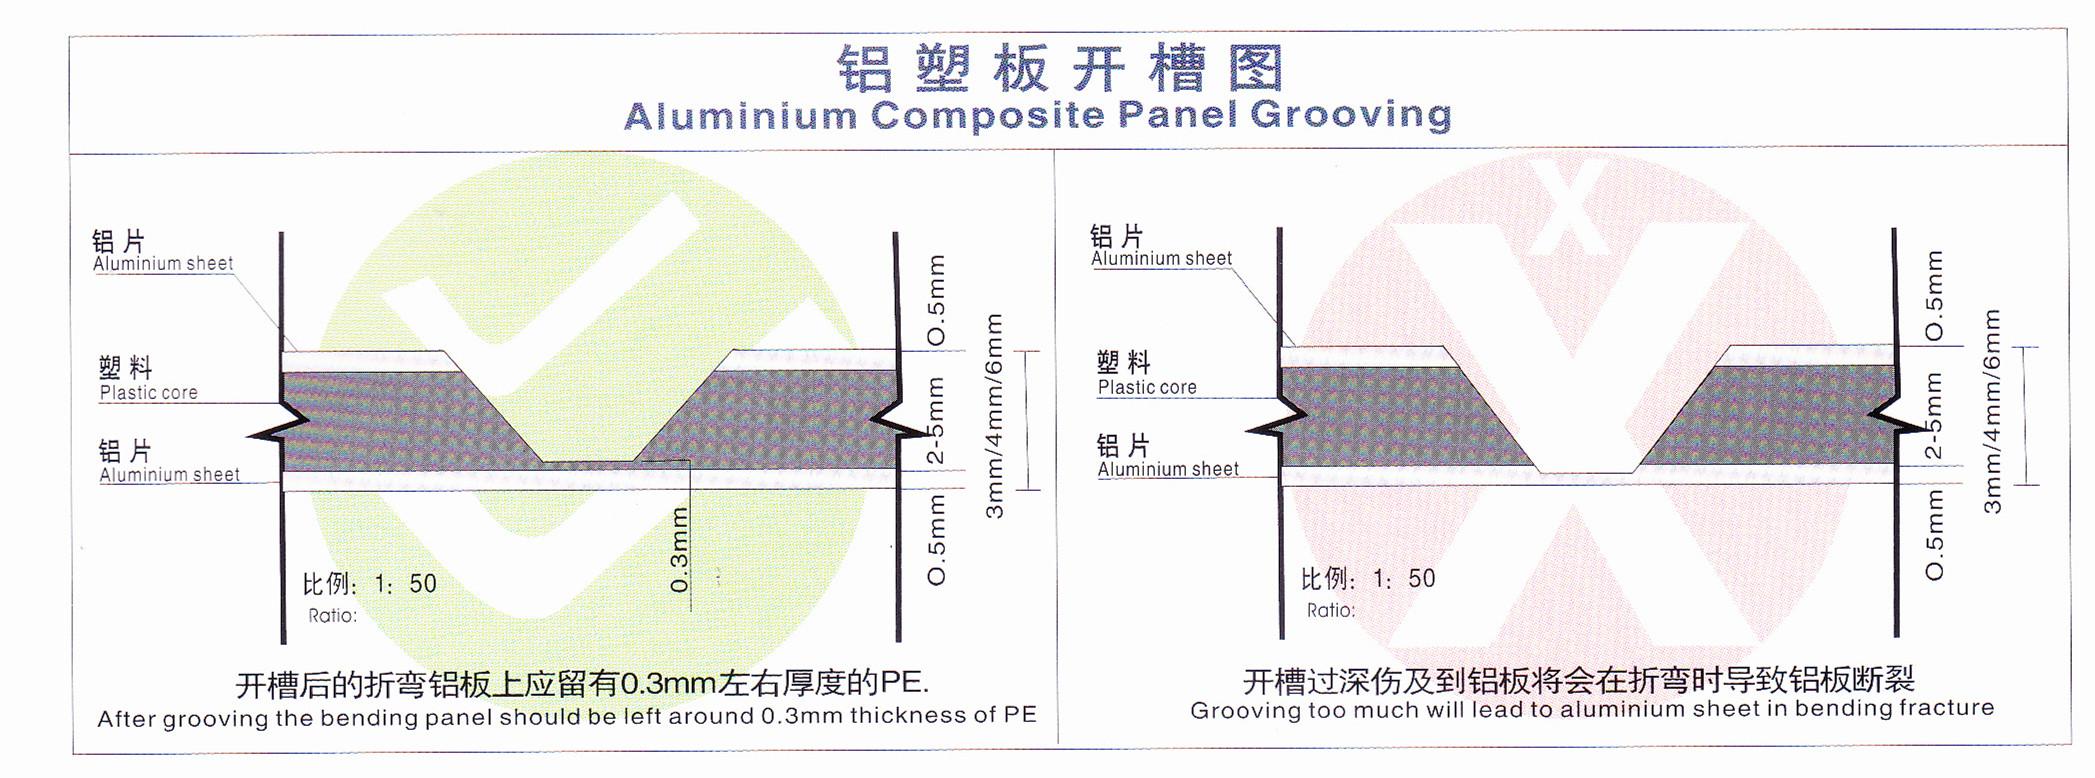 aluminium composite panel grooving.jpg